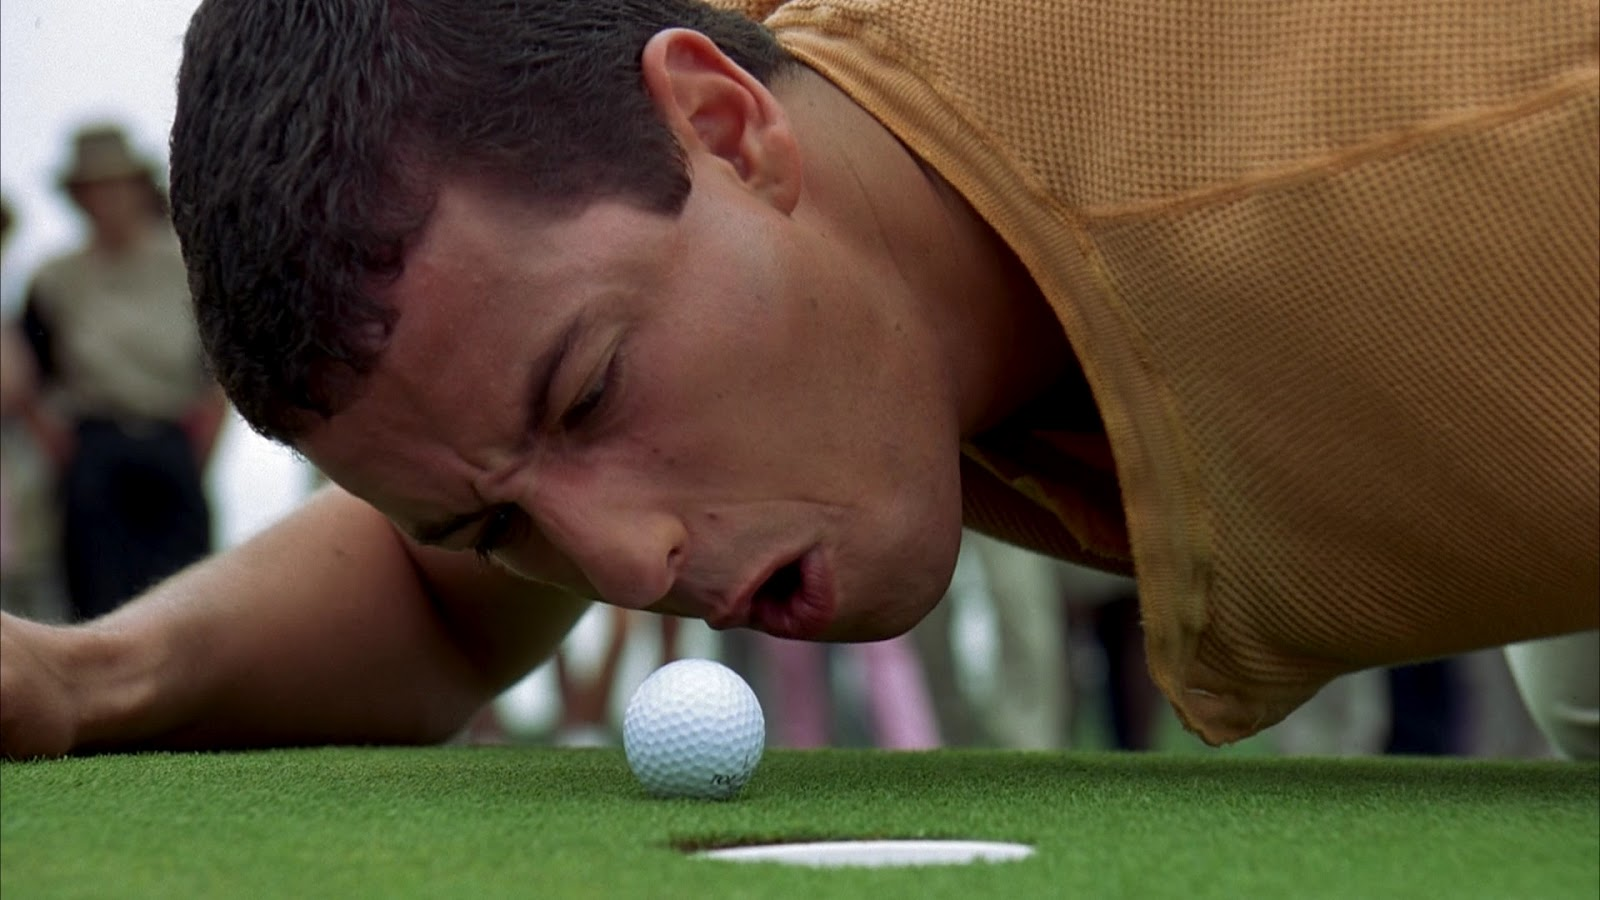 http://1.bp.blogspot.com/-BxvtIvUkAVg/UCYunFFS3oI/AAAAAAAAMLM/k9nVLQmXGyk/s1600/happy-gilmore-golf-play.jpg